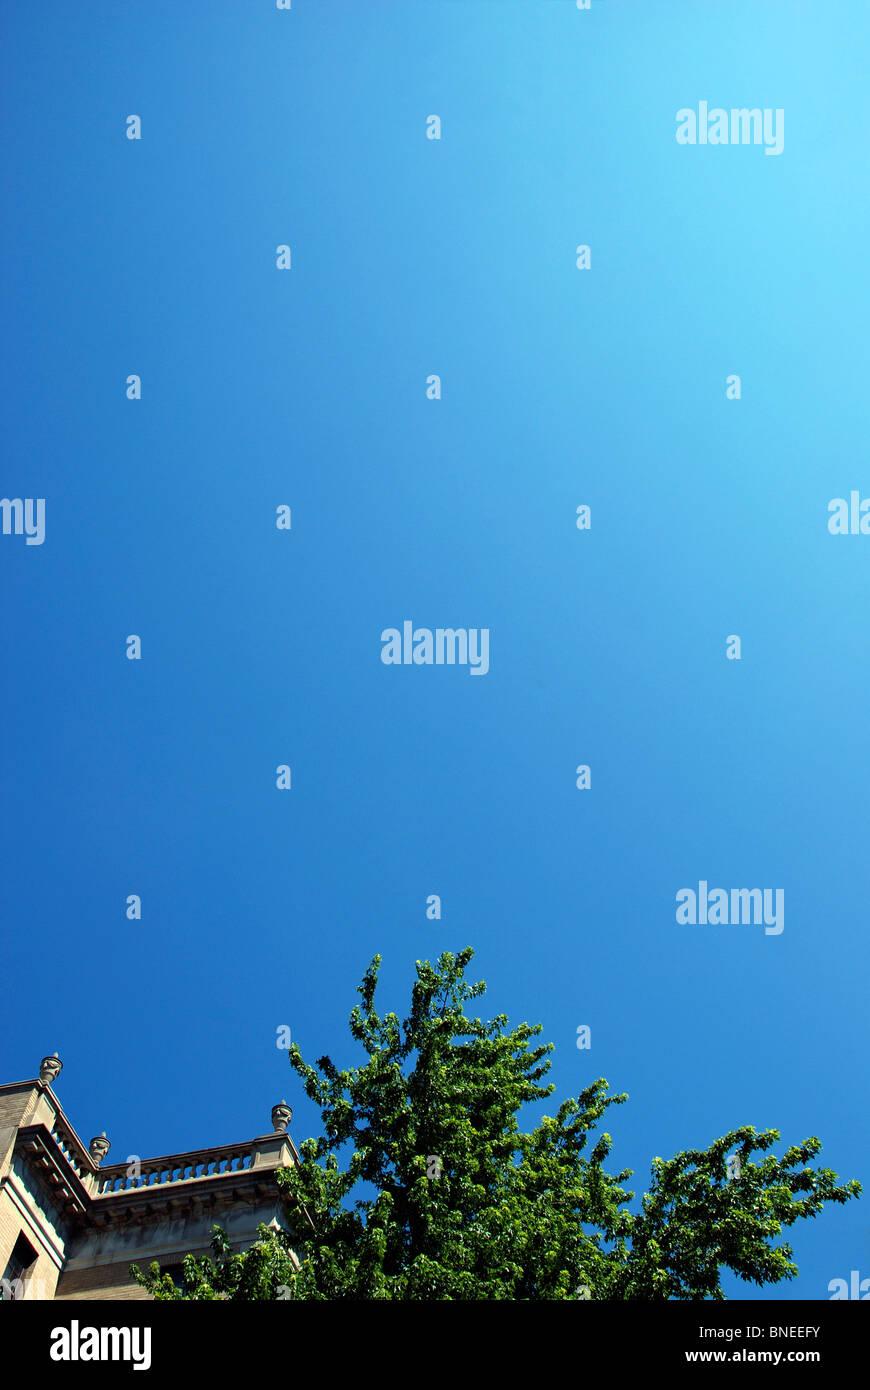 Bâtiment ancien et tree against blue sky Photo Stock